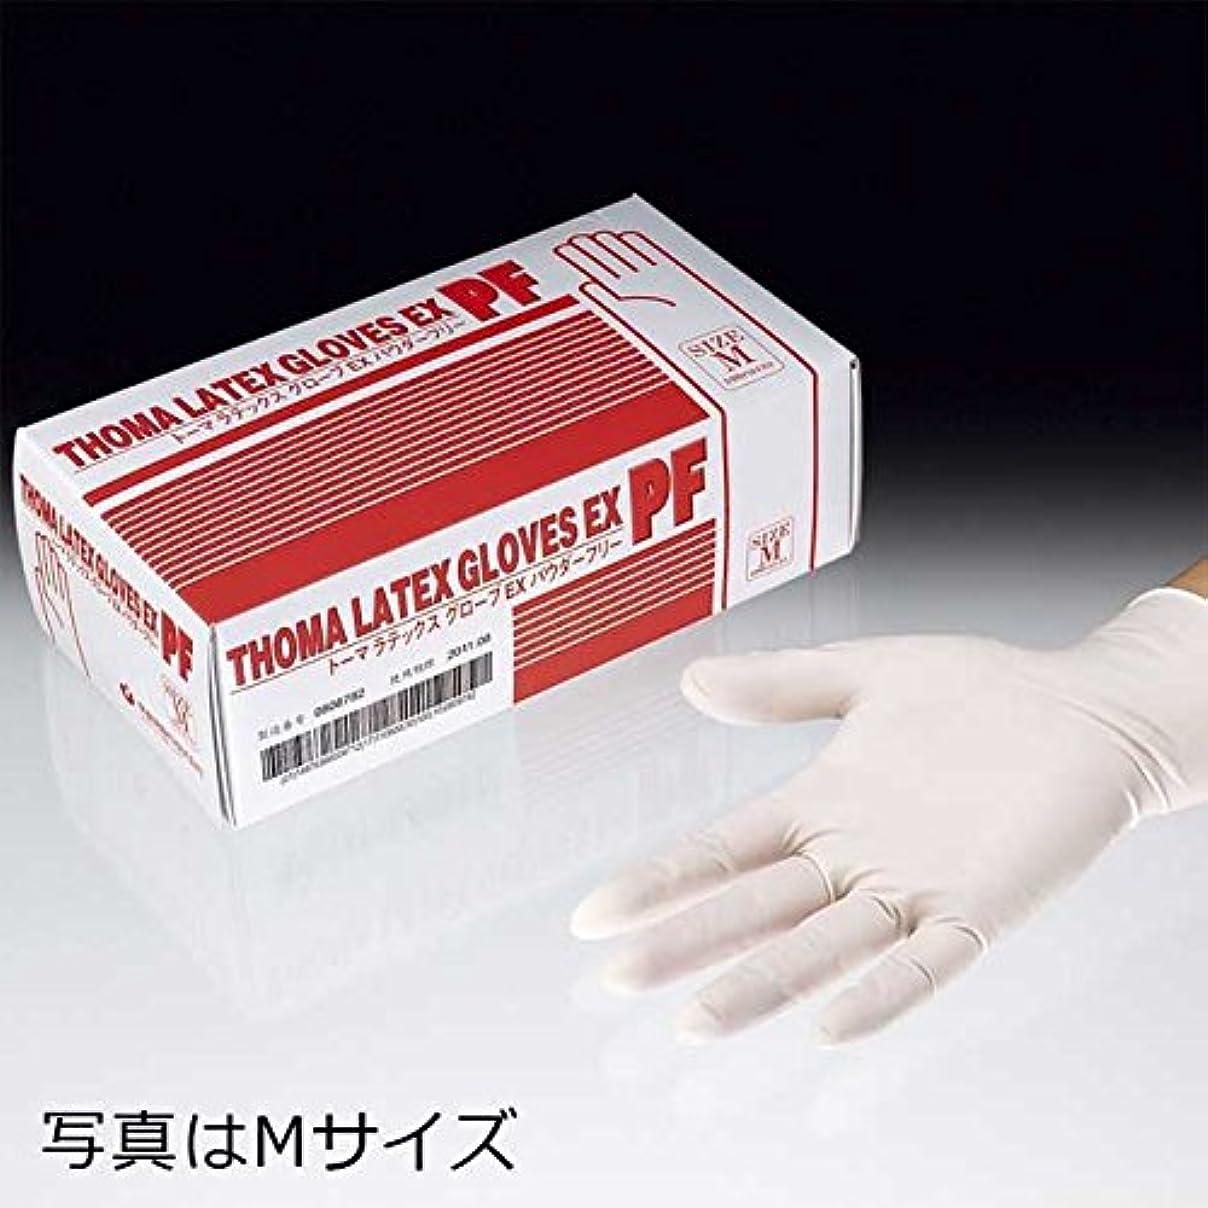 拍手するなぜならグラムトーマラテックス手袋EX PF 天然ゴム 使い捨て手袋 粉なし2000枚 (100枚入り20箱) (SS)